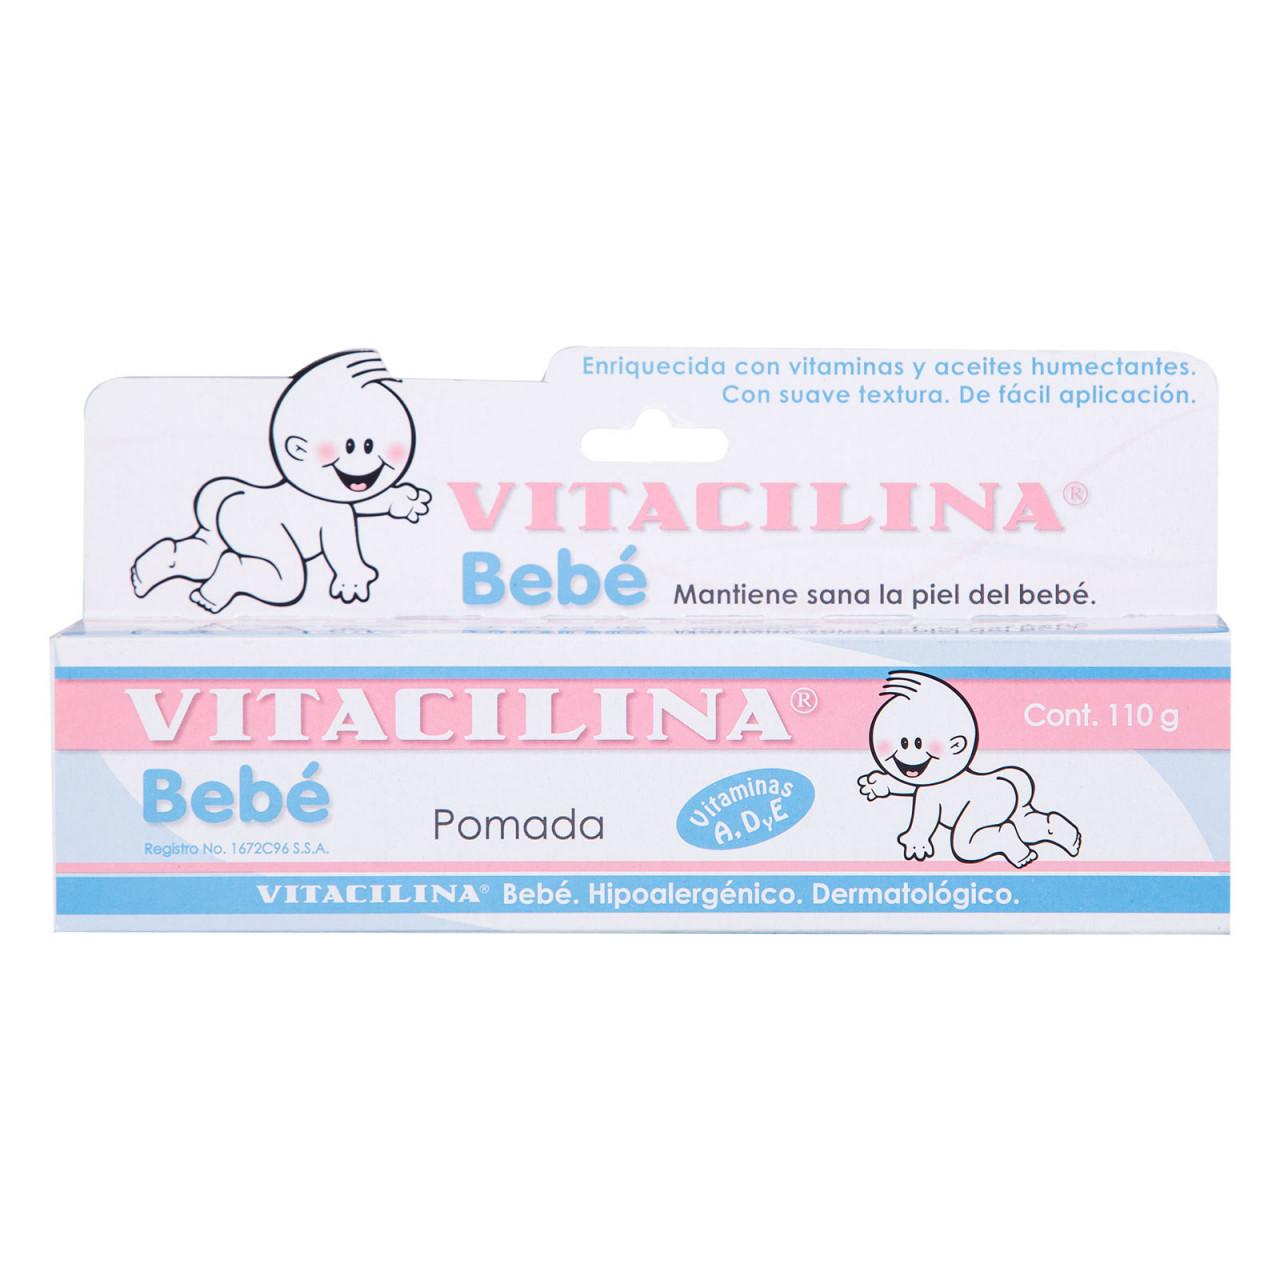 Comprar Vitacilina Bebe 1 Tubo Pomada 110 Gr